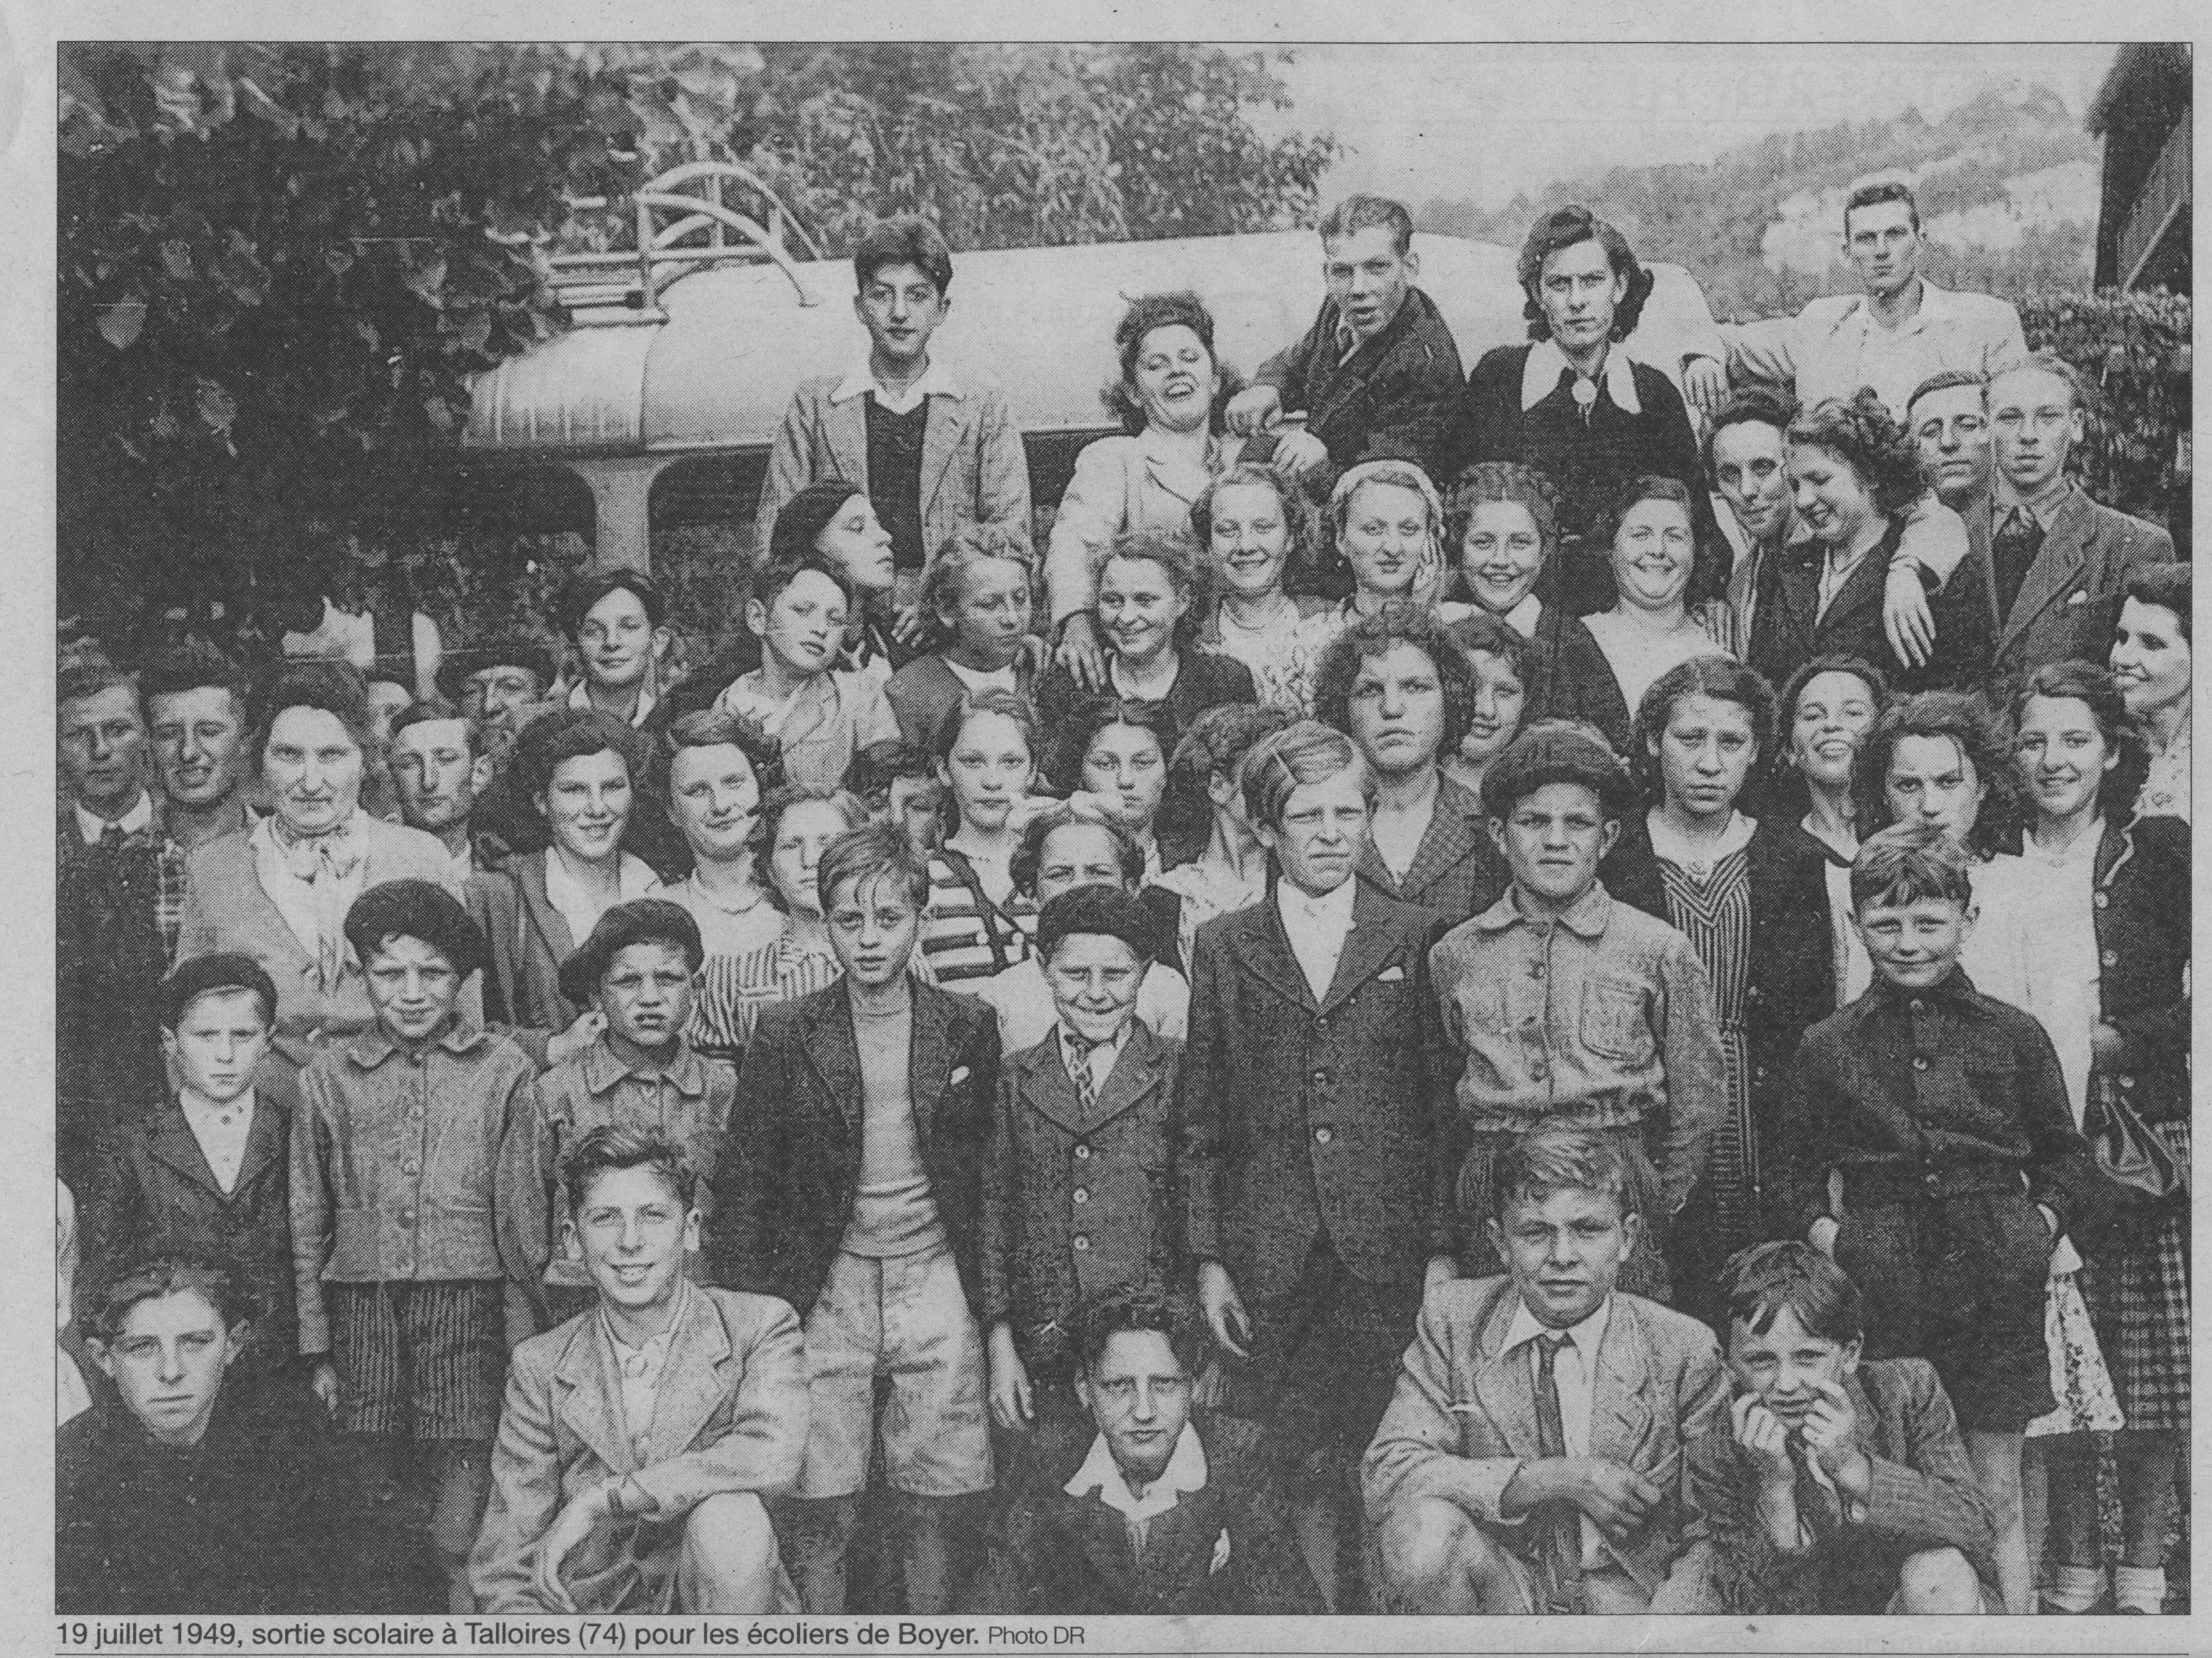 19 juillet 1949 écoliers Boyer